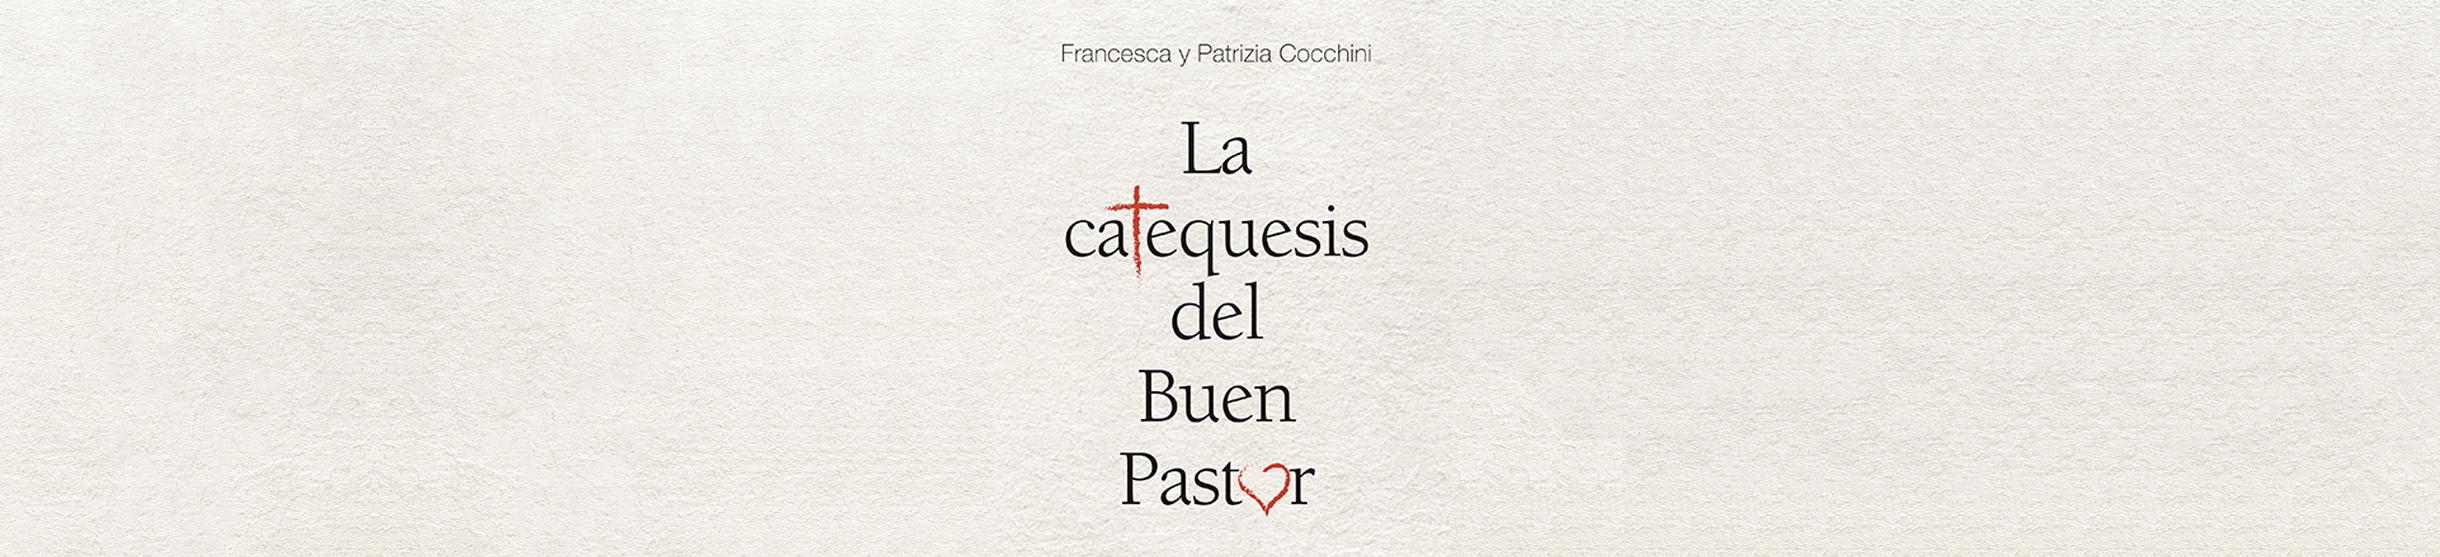 Banners_Ediciones_EDE_Catequesis_290118